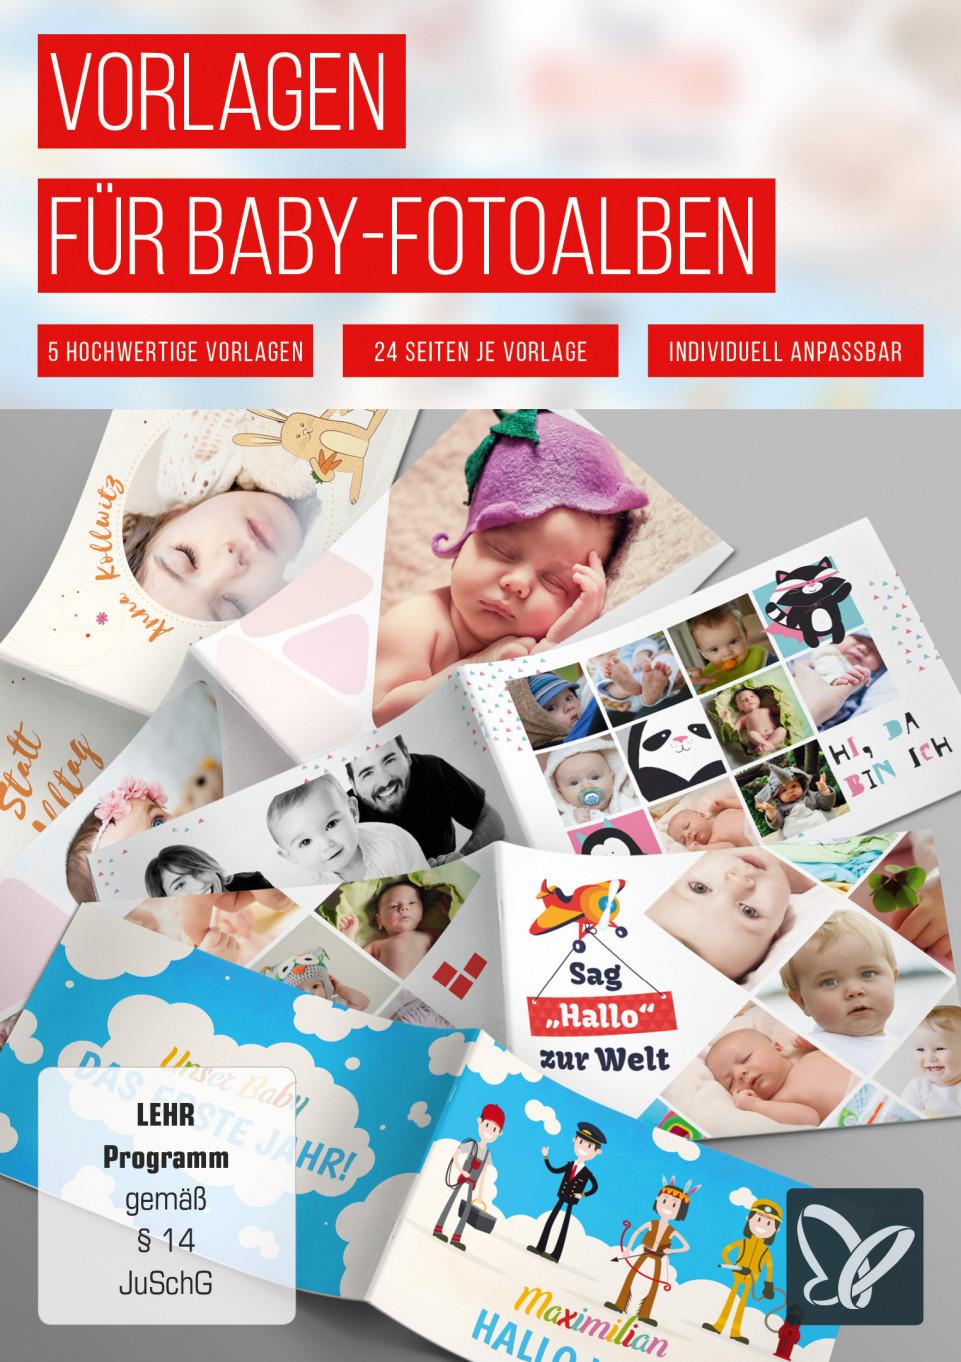 Vorlagen für dein Baby-Fotoalbum: Mein erstes Jahr